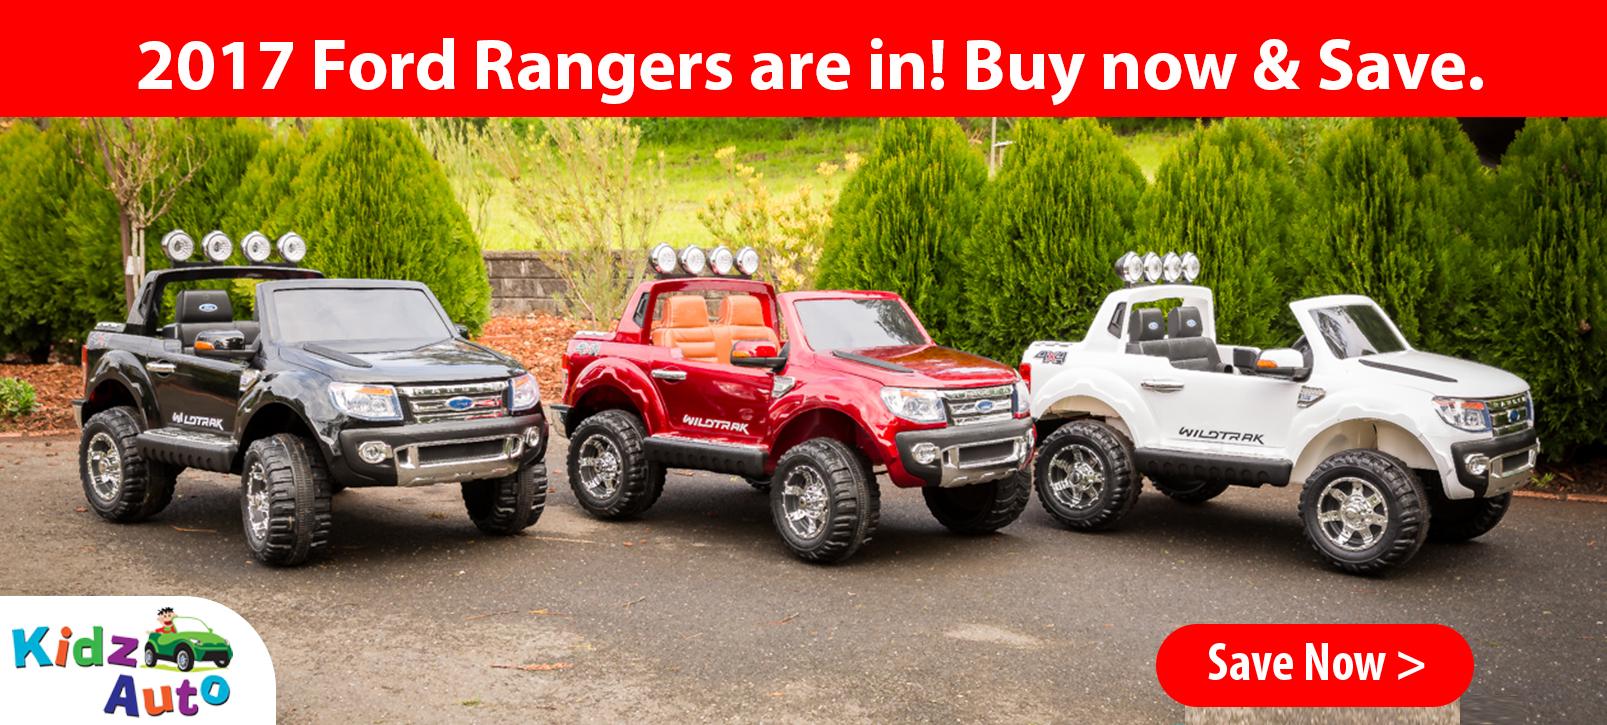 2017 24V Ford Ranger Homepage Image